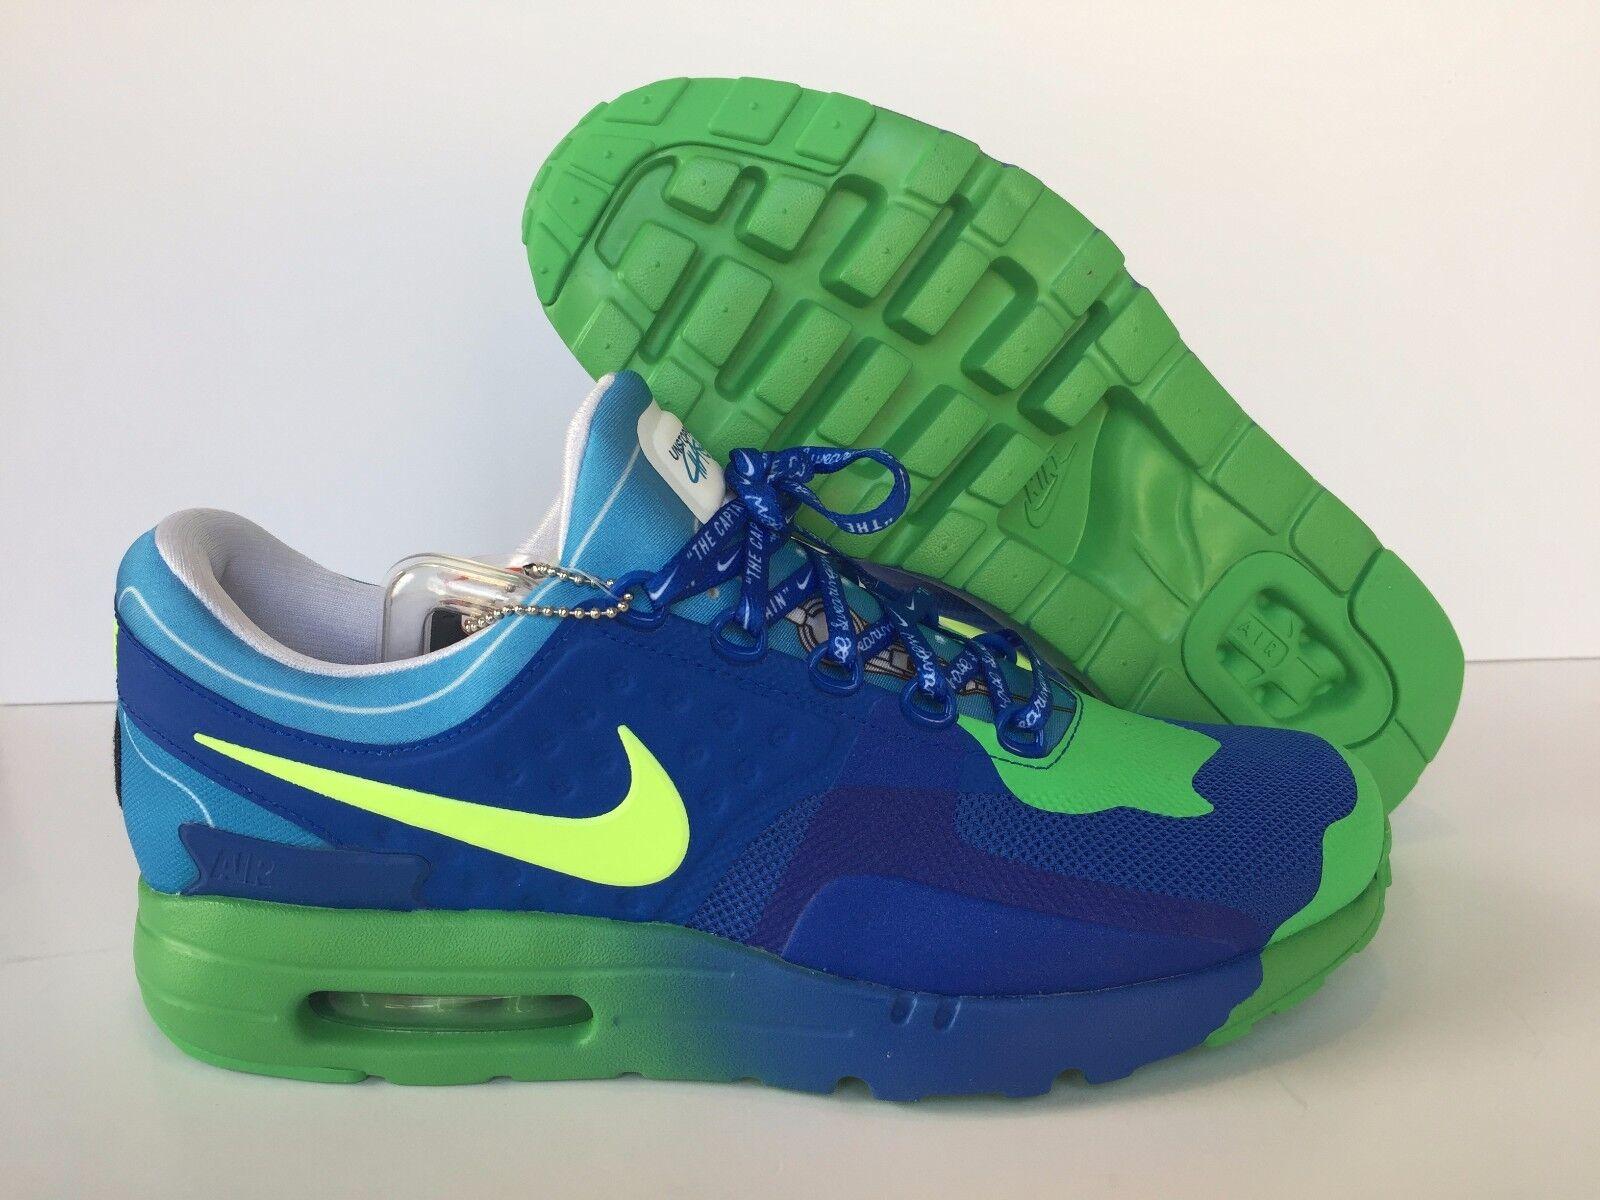 Nike Men's Air Max Zero DB Doernbecher Hyper Cobalt/Volt [898636-473] New Sz 9.5